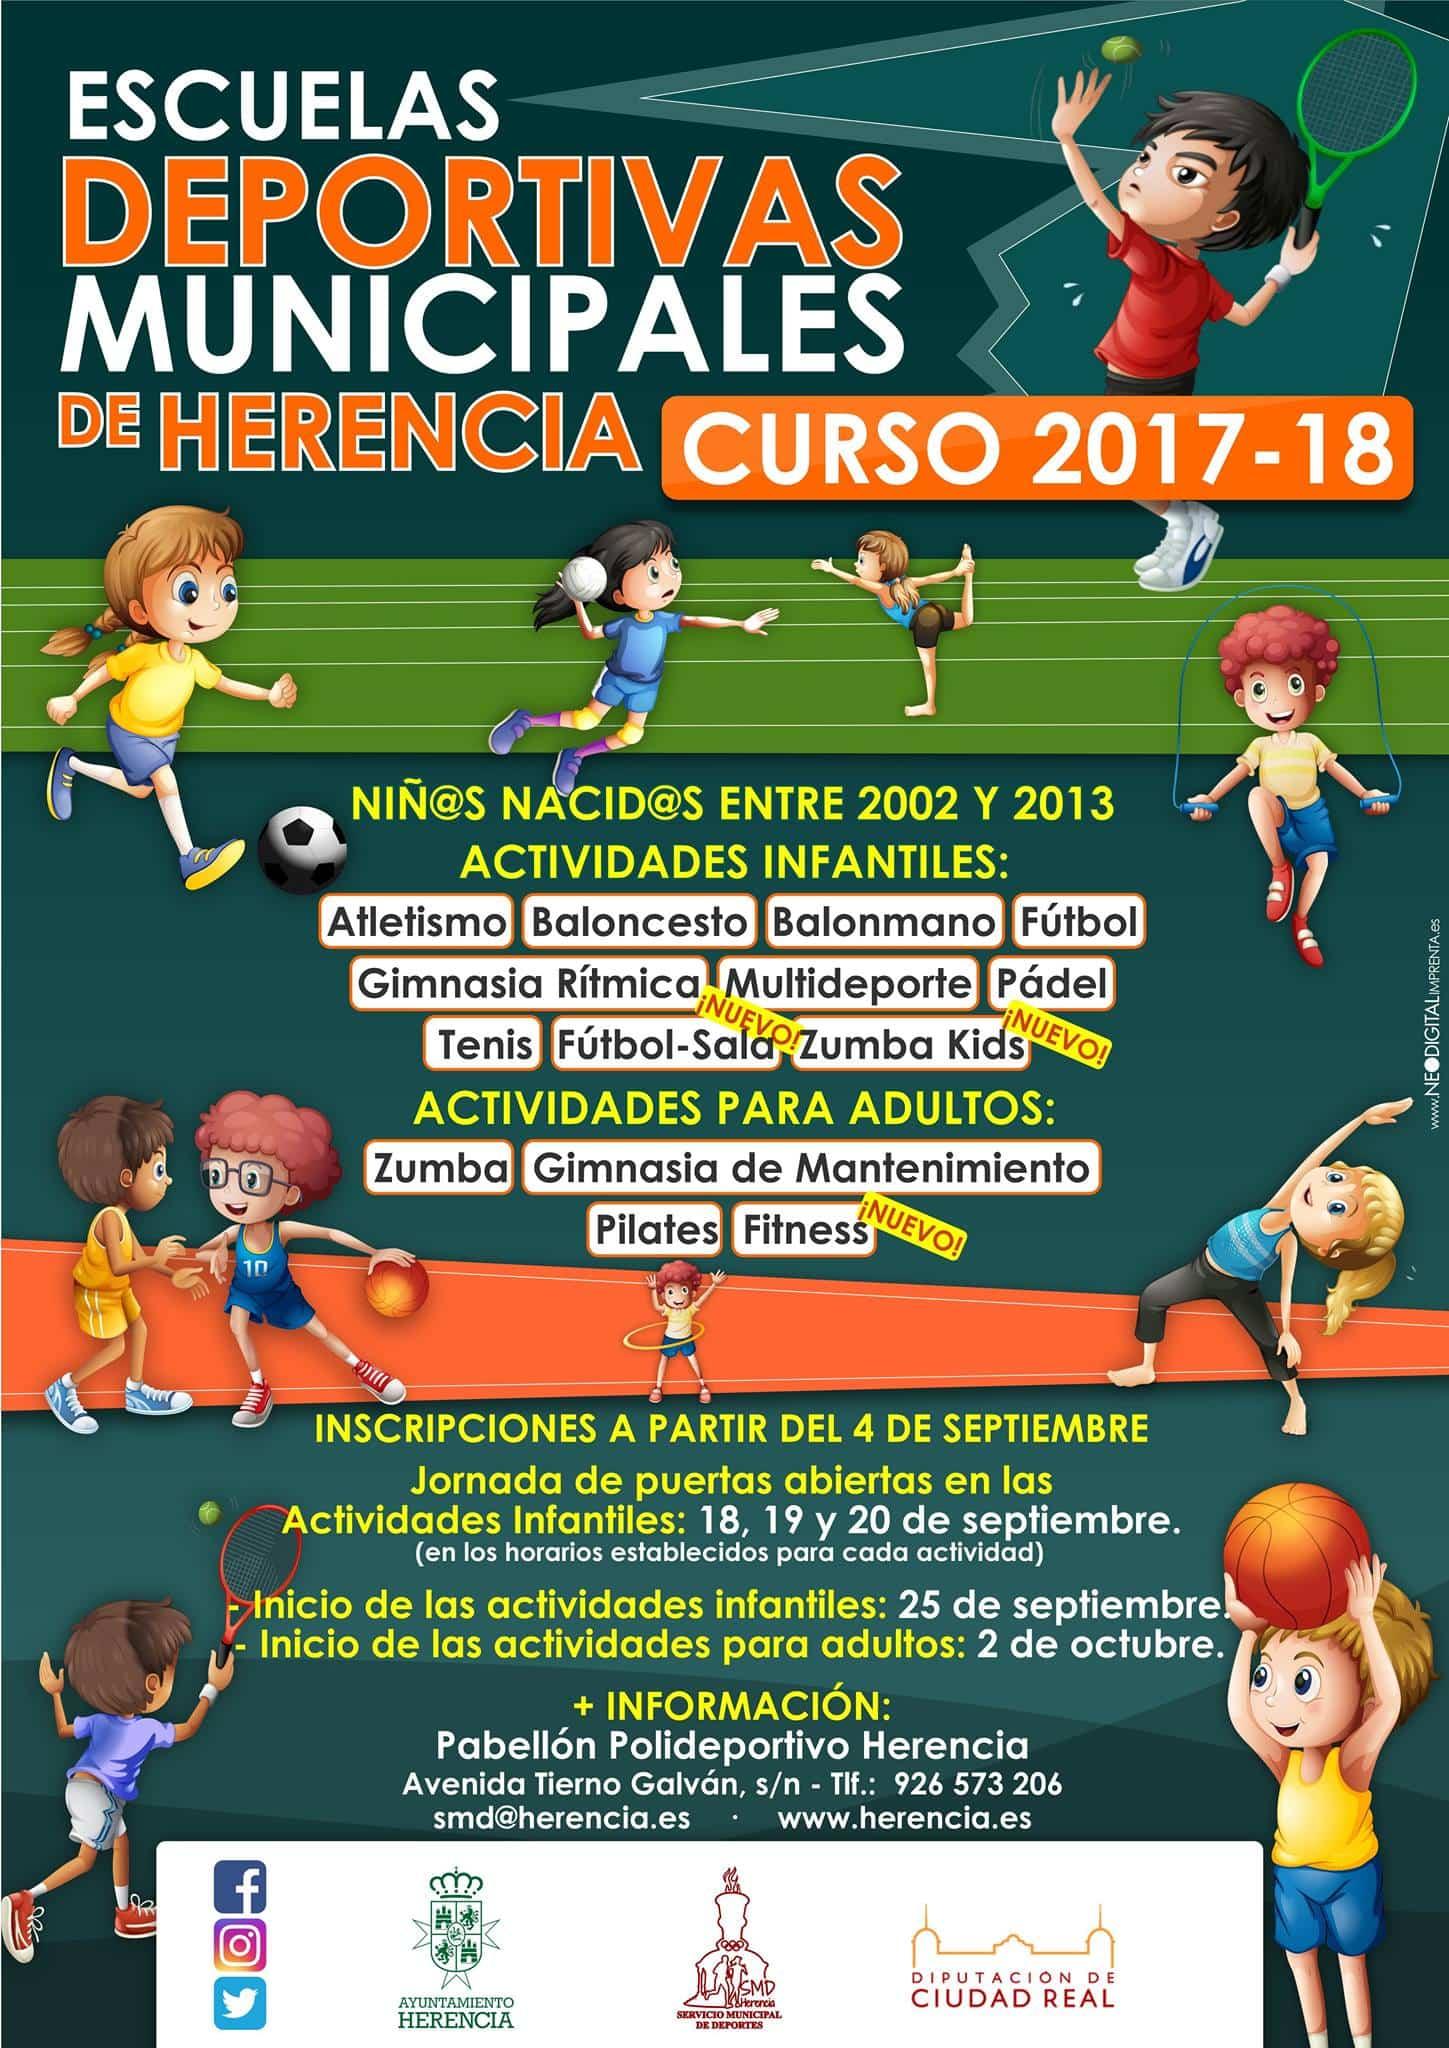 escuelas deportivas herencia 2017 2018 - Escuelas deportivas de Herencia ponen en marcha su programa para 2017/2018